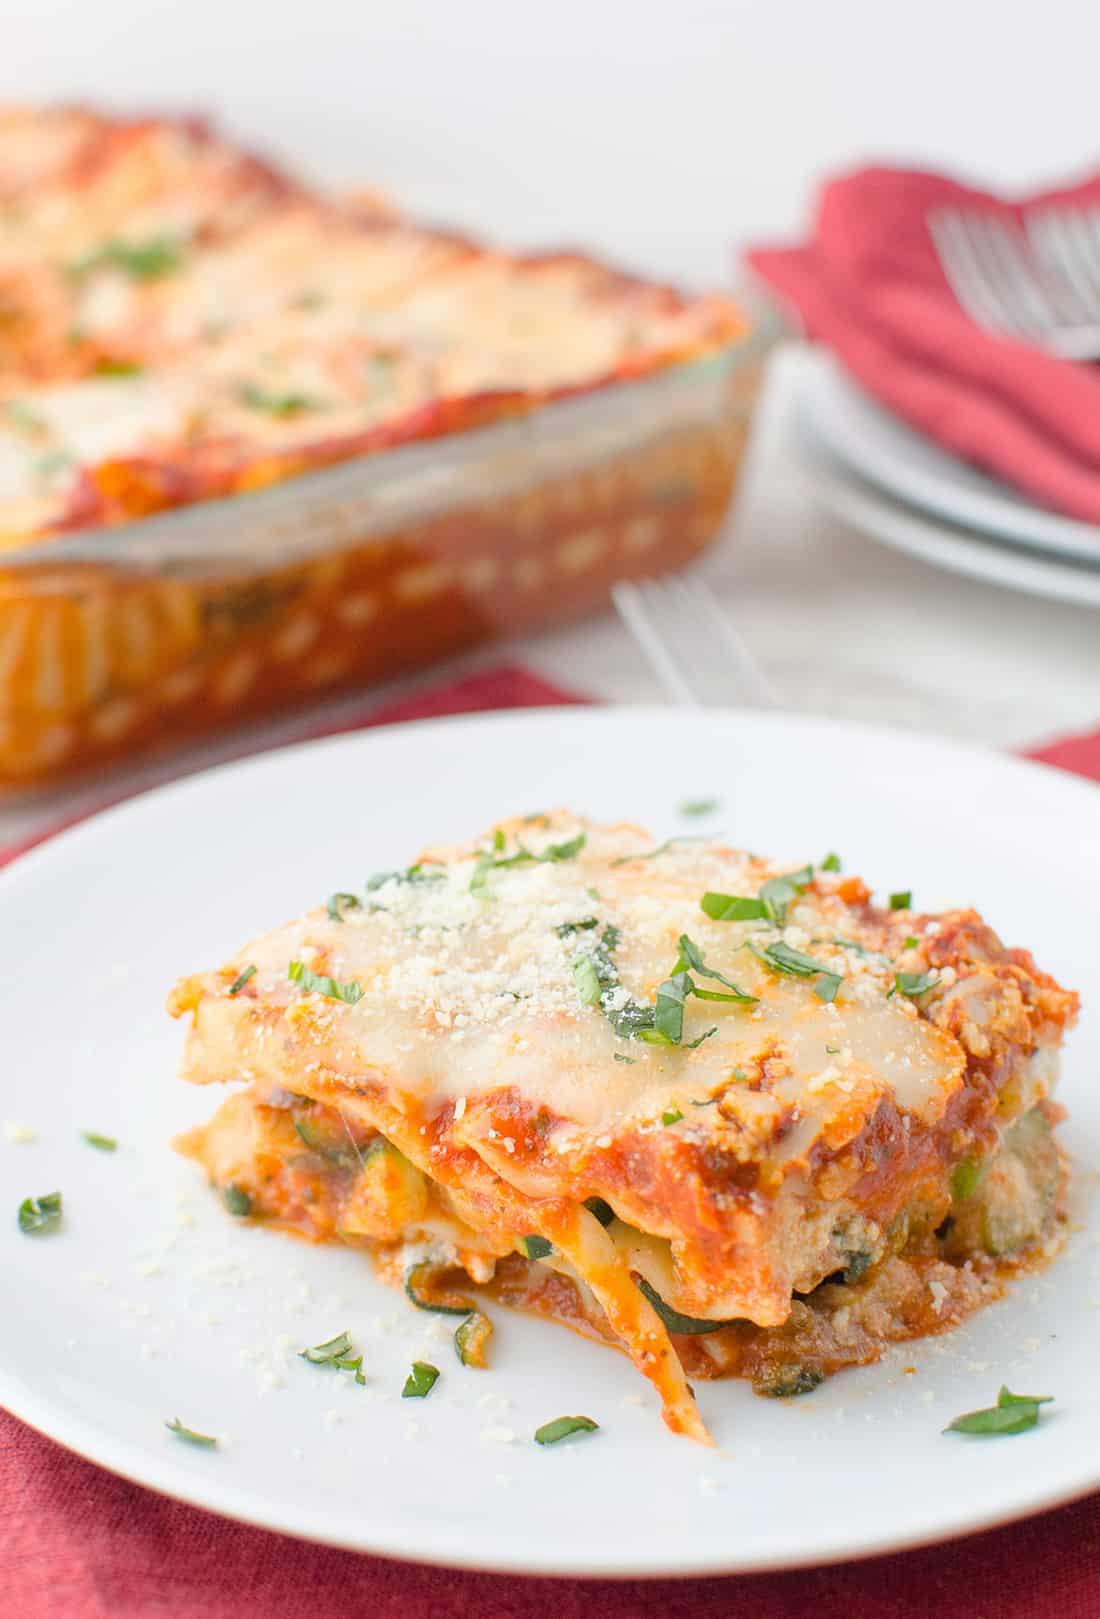 Healthy Lasagna Noodles  healthy ve able lasagna